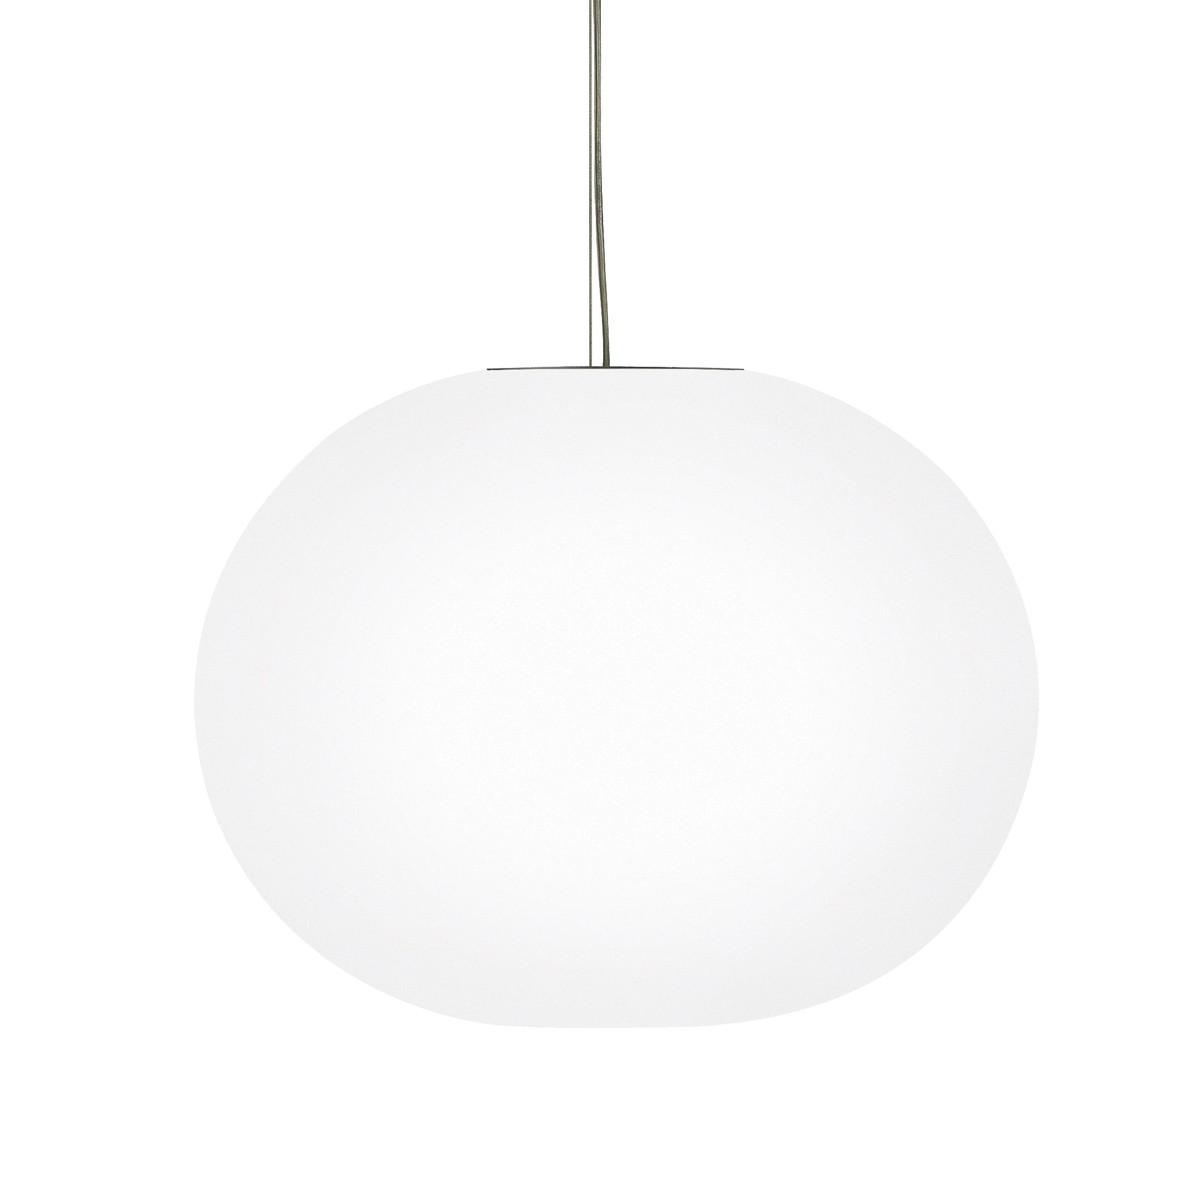 Flos Glo-Ball S Pendelleuchte, S2, Ø: 45 cm, weiß